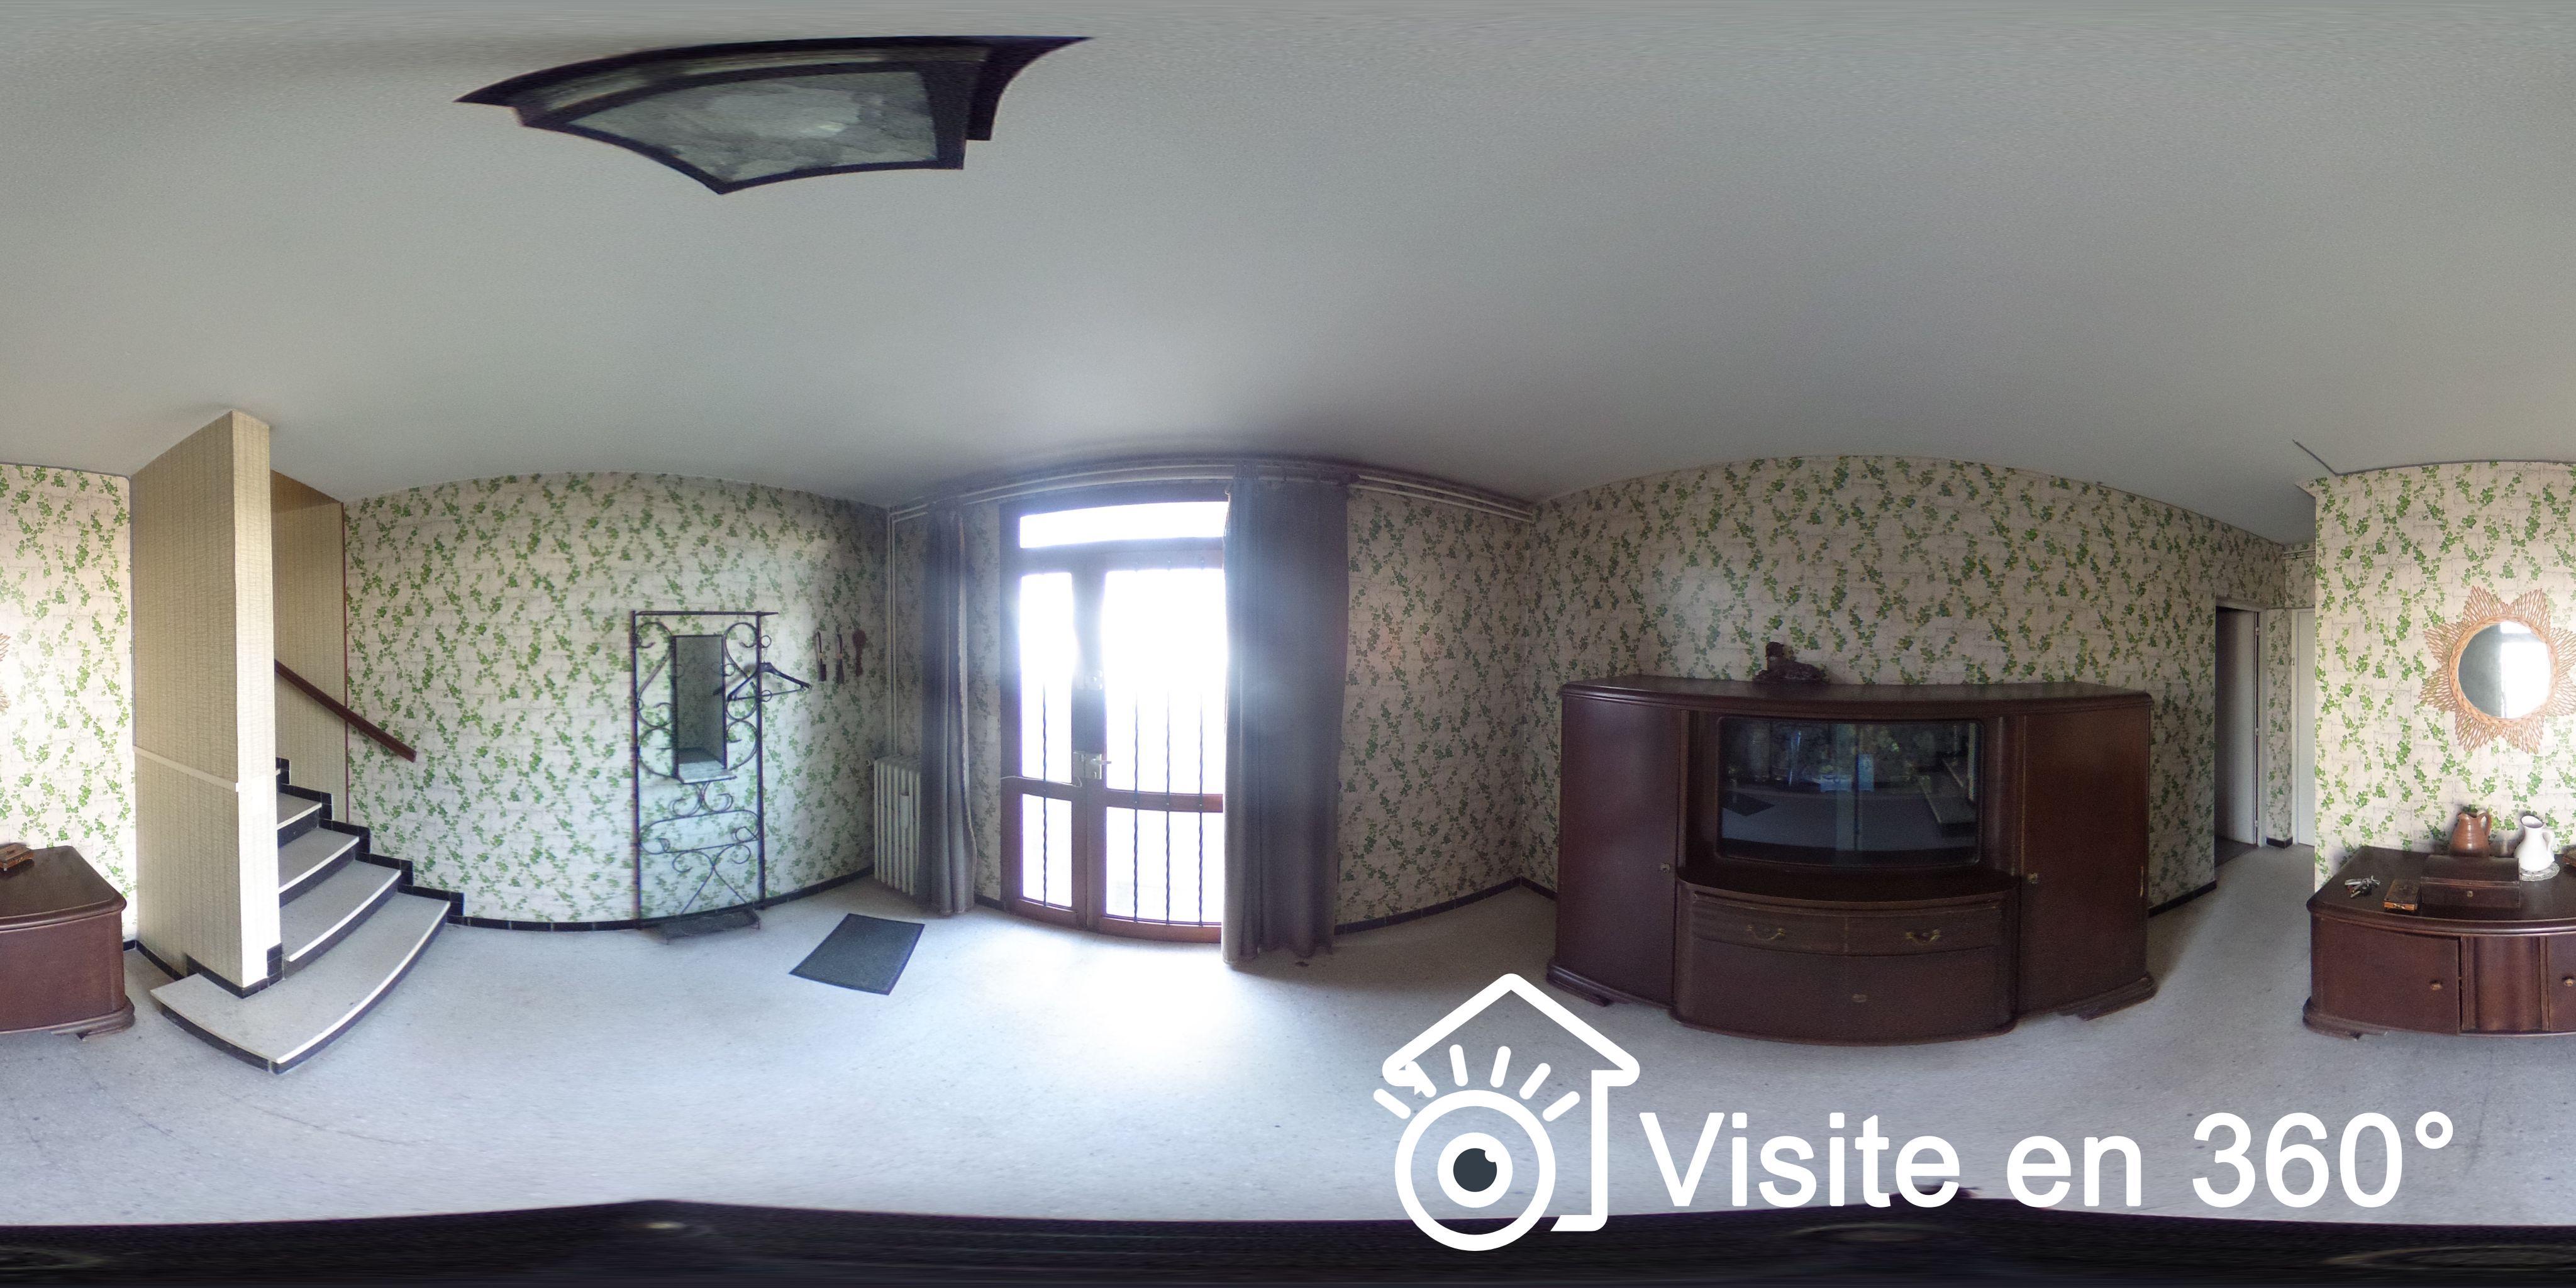 Maison olivet hors frais de notaire visiter en plein cran gr c - Frais de notaire maison ...